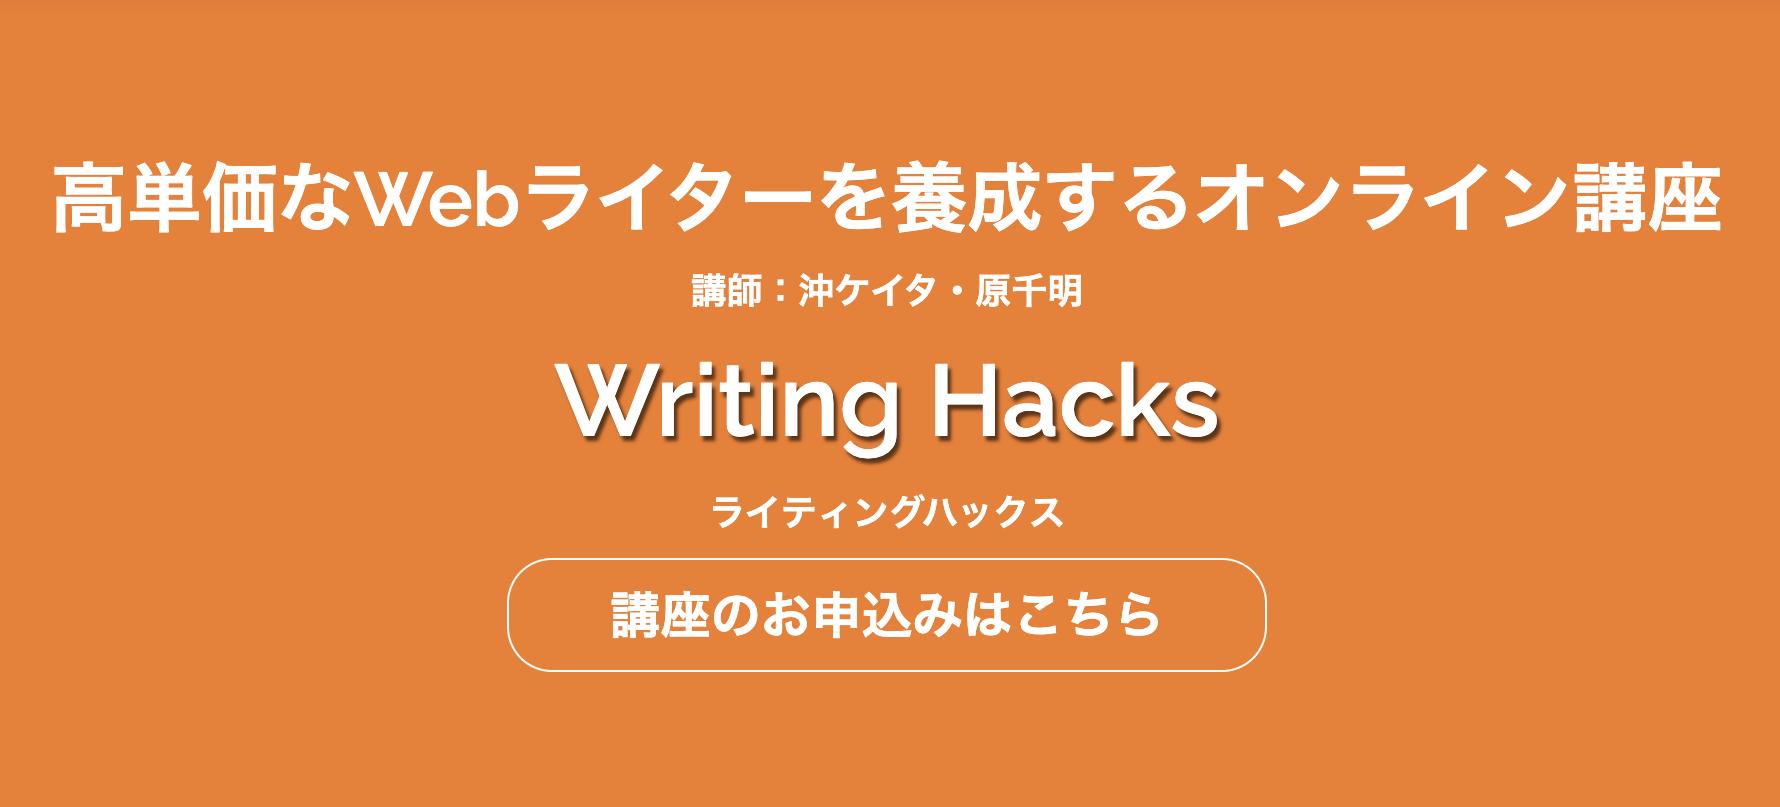 【現役ライターが解説】WritingHacks(ライティングハックス)は本当に良い教材なのか?